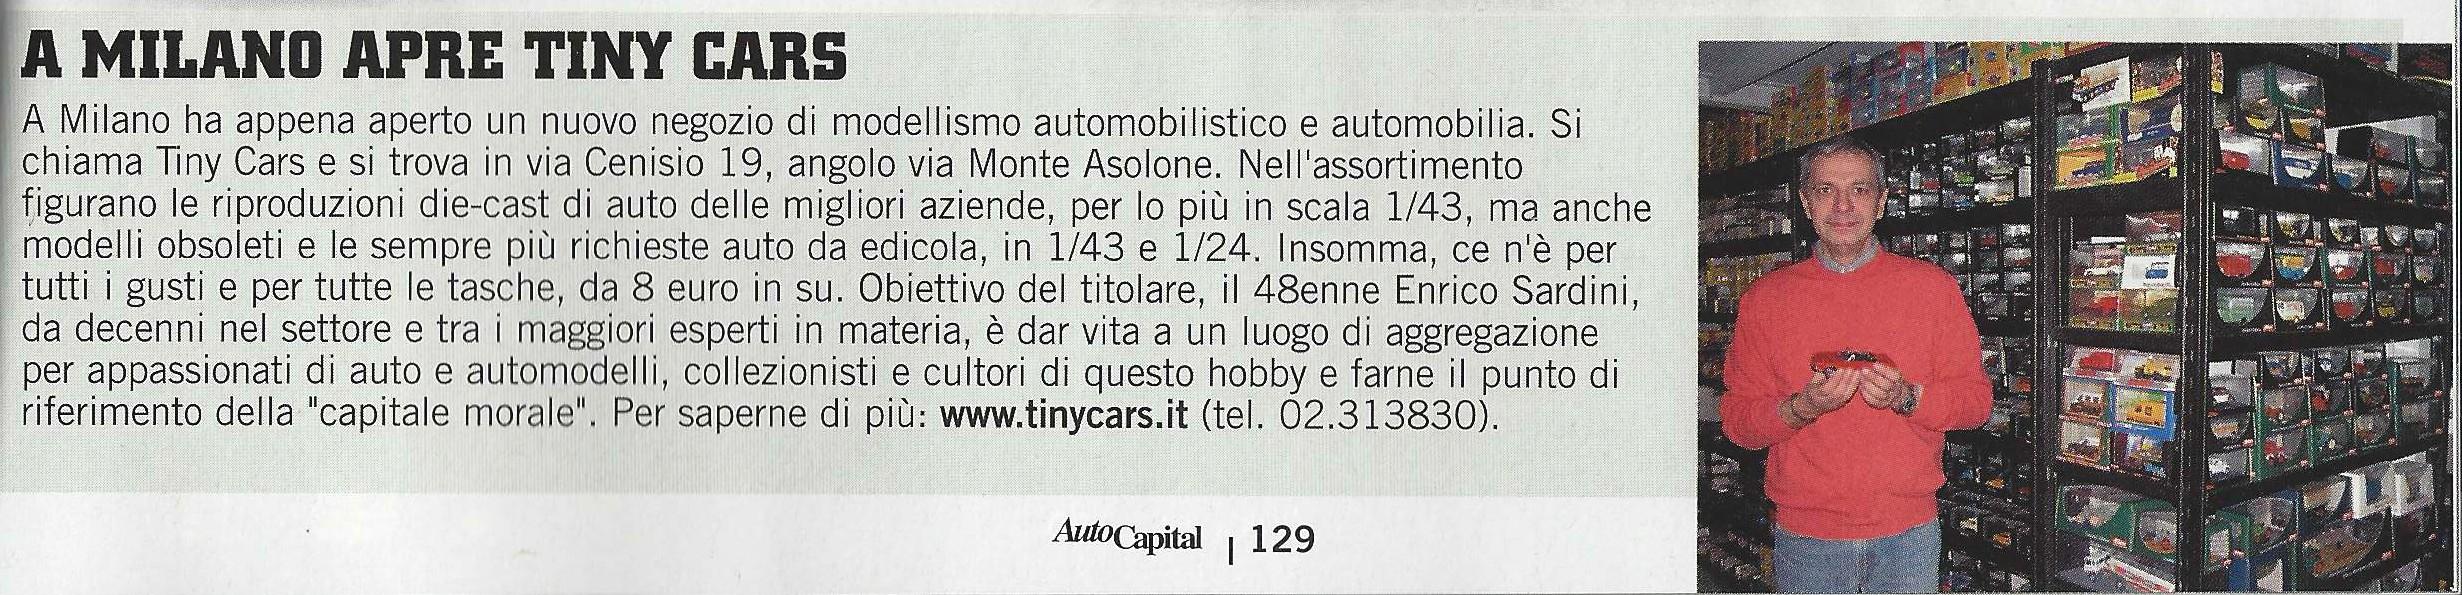 Su Auto Capital di Marzo 2013 si parla di Tiny Cars